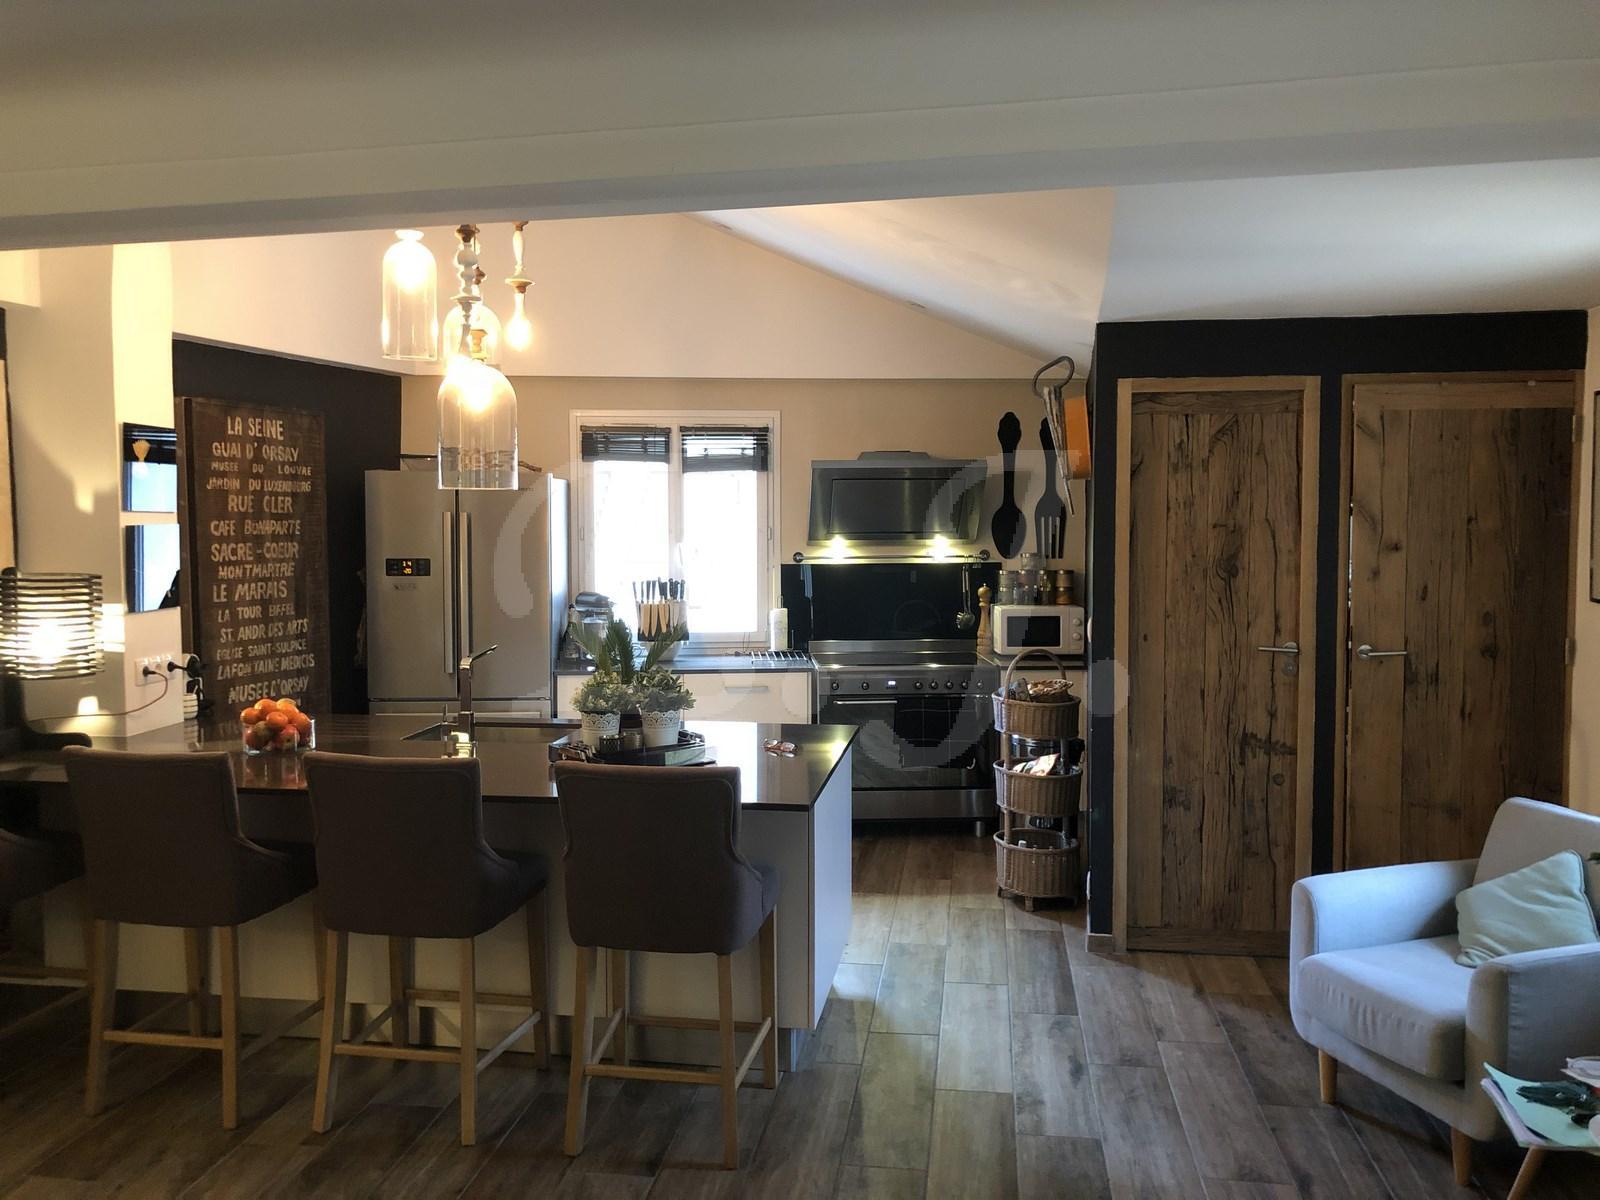 A vendre à Robion maison de village avec cour interieure terrasse garage et appartement indépendant